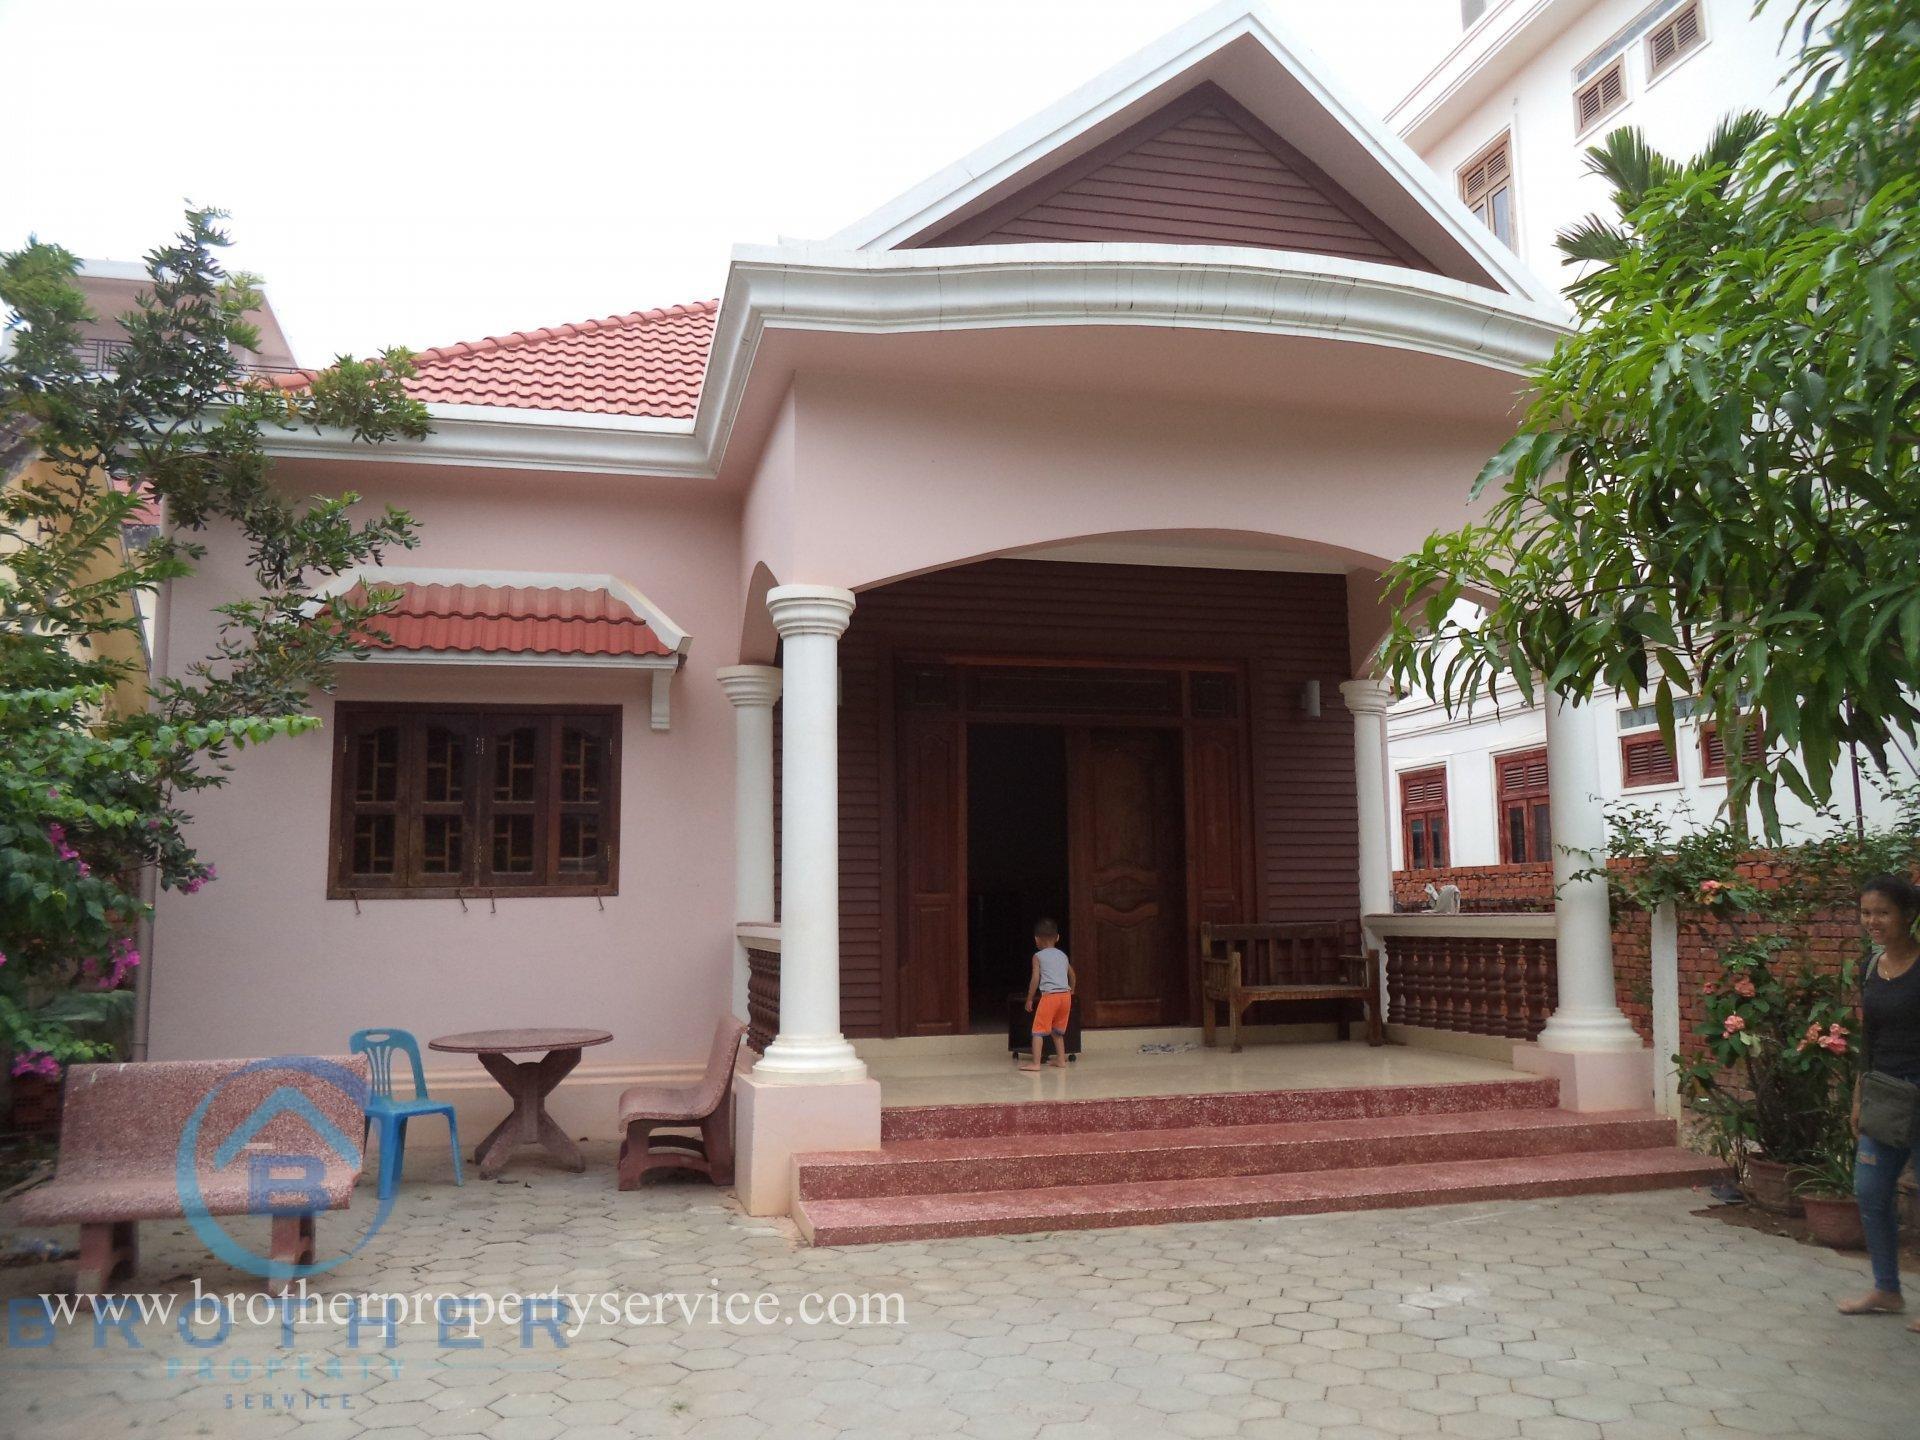 2bedrooms Villa for rent in Slorkram area